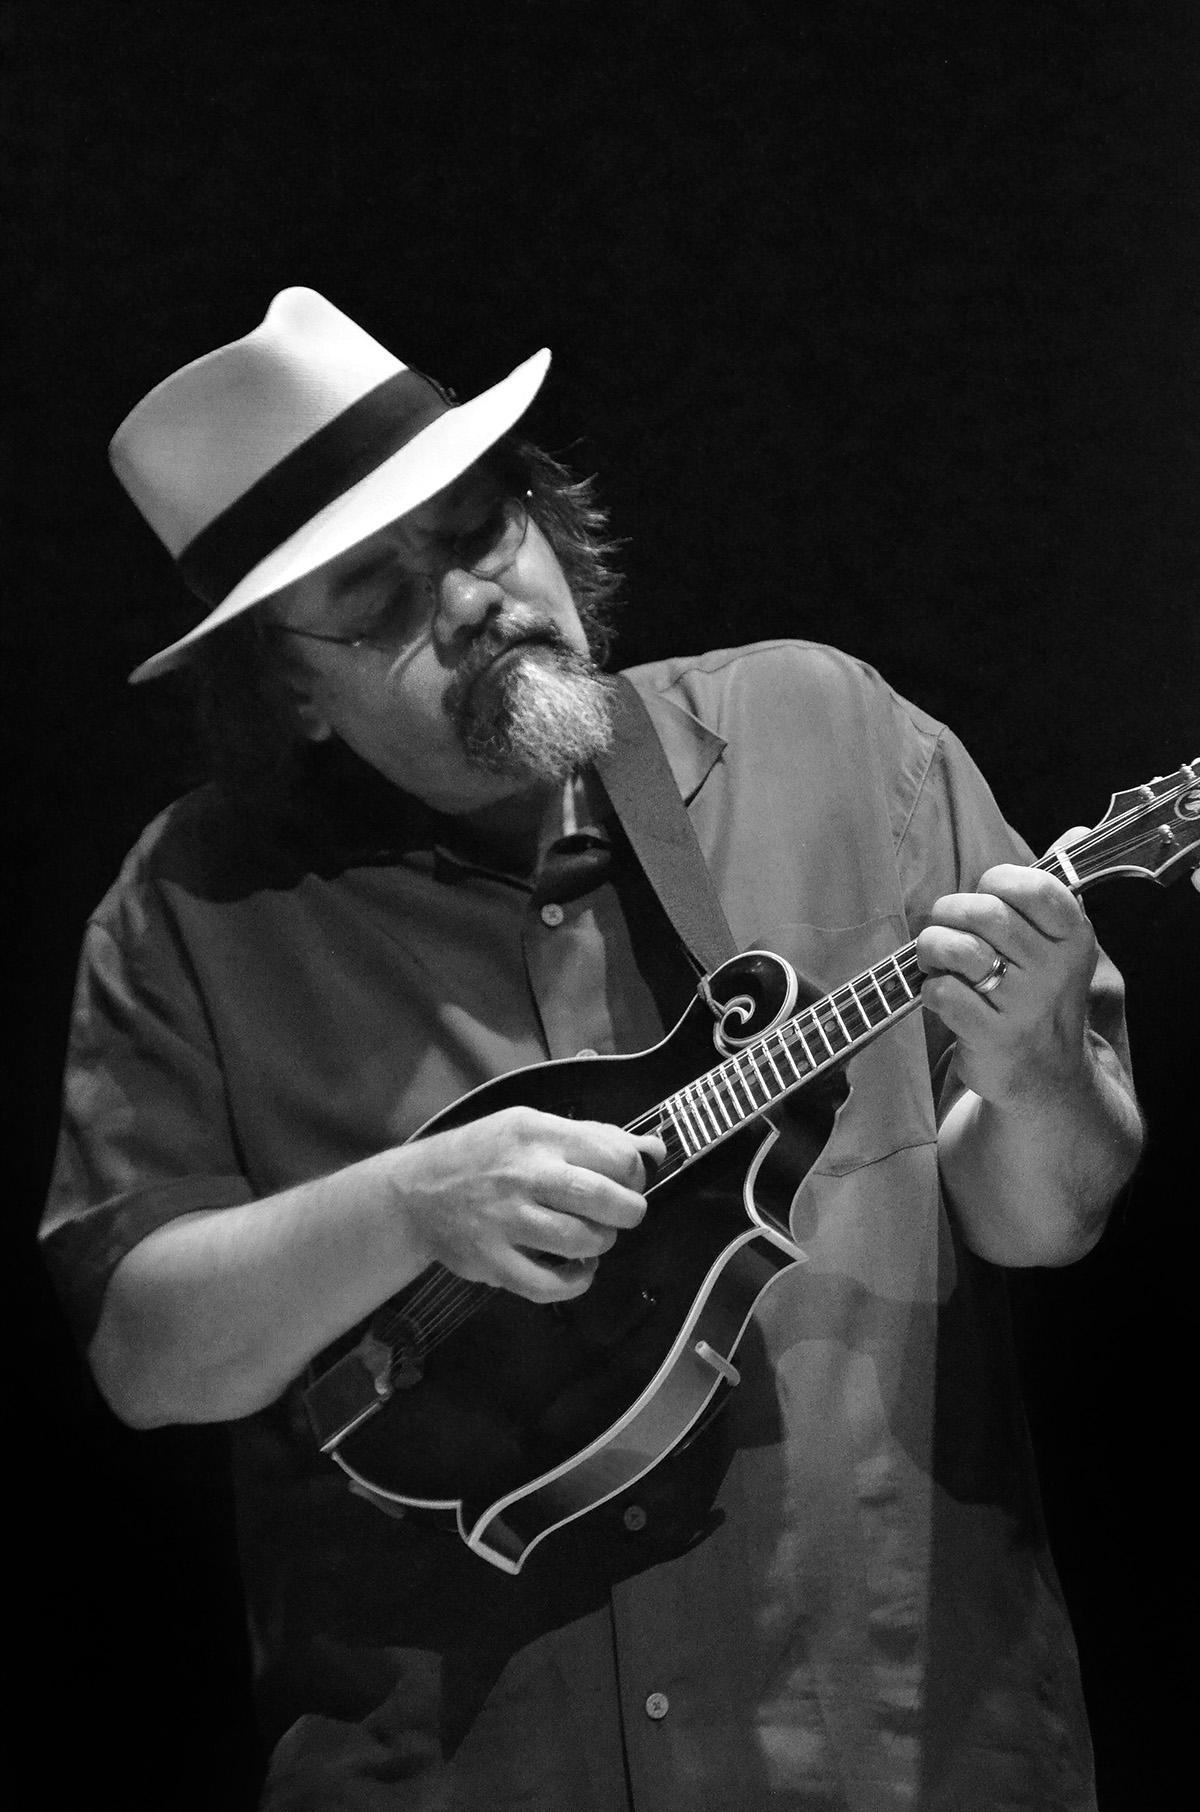 Don julin at the Mandolin Symposium 2013, photo by Maria camillo